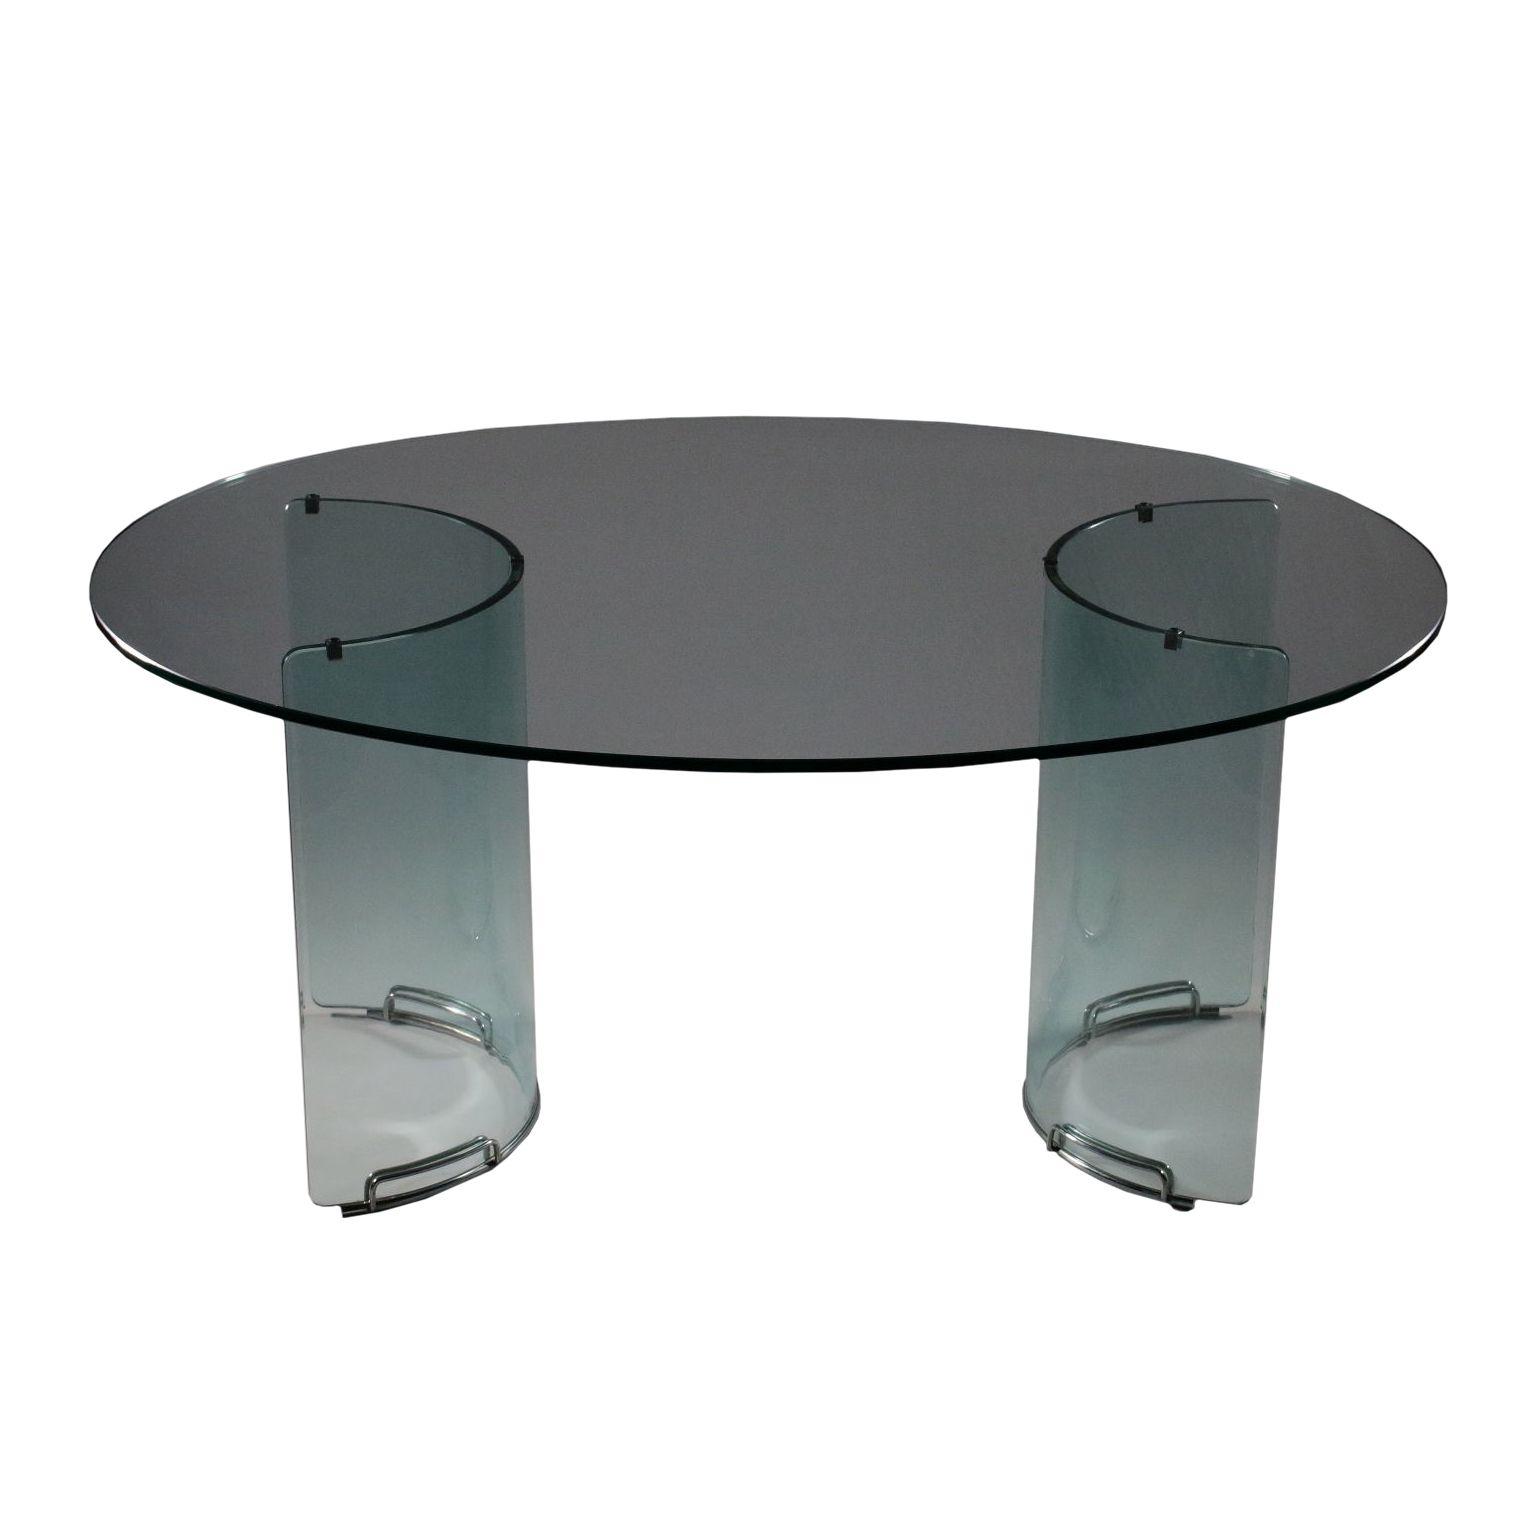 Table Verre Metal Chrome Fabrique En Italie Annees 70 80 Glass Table Metal Table Plexiglass Table [ 1536 x 1536 Pixel ]